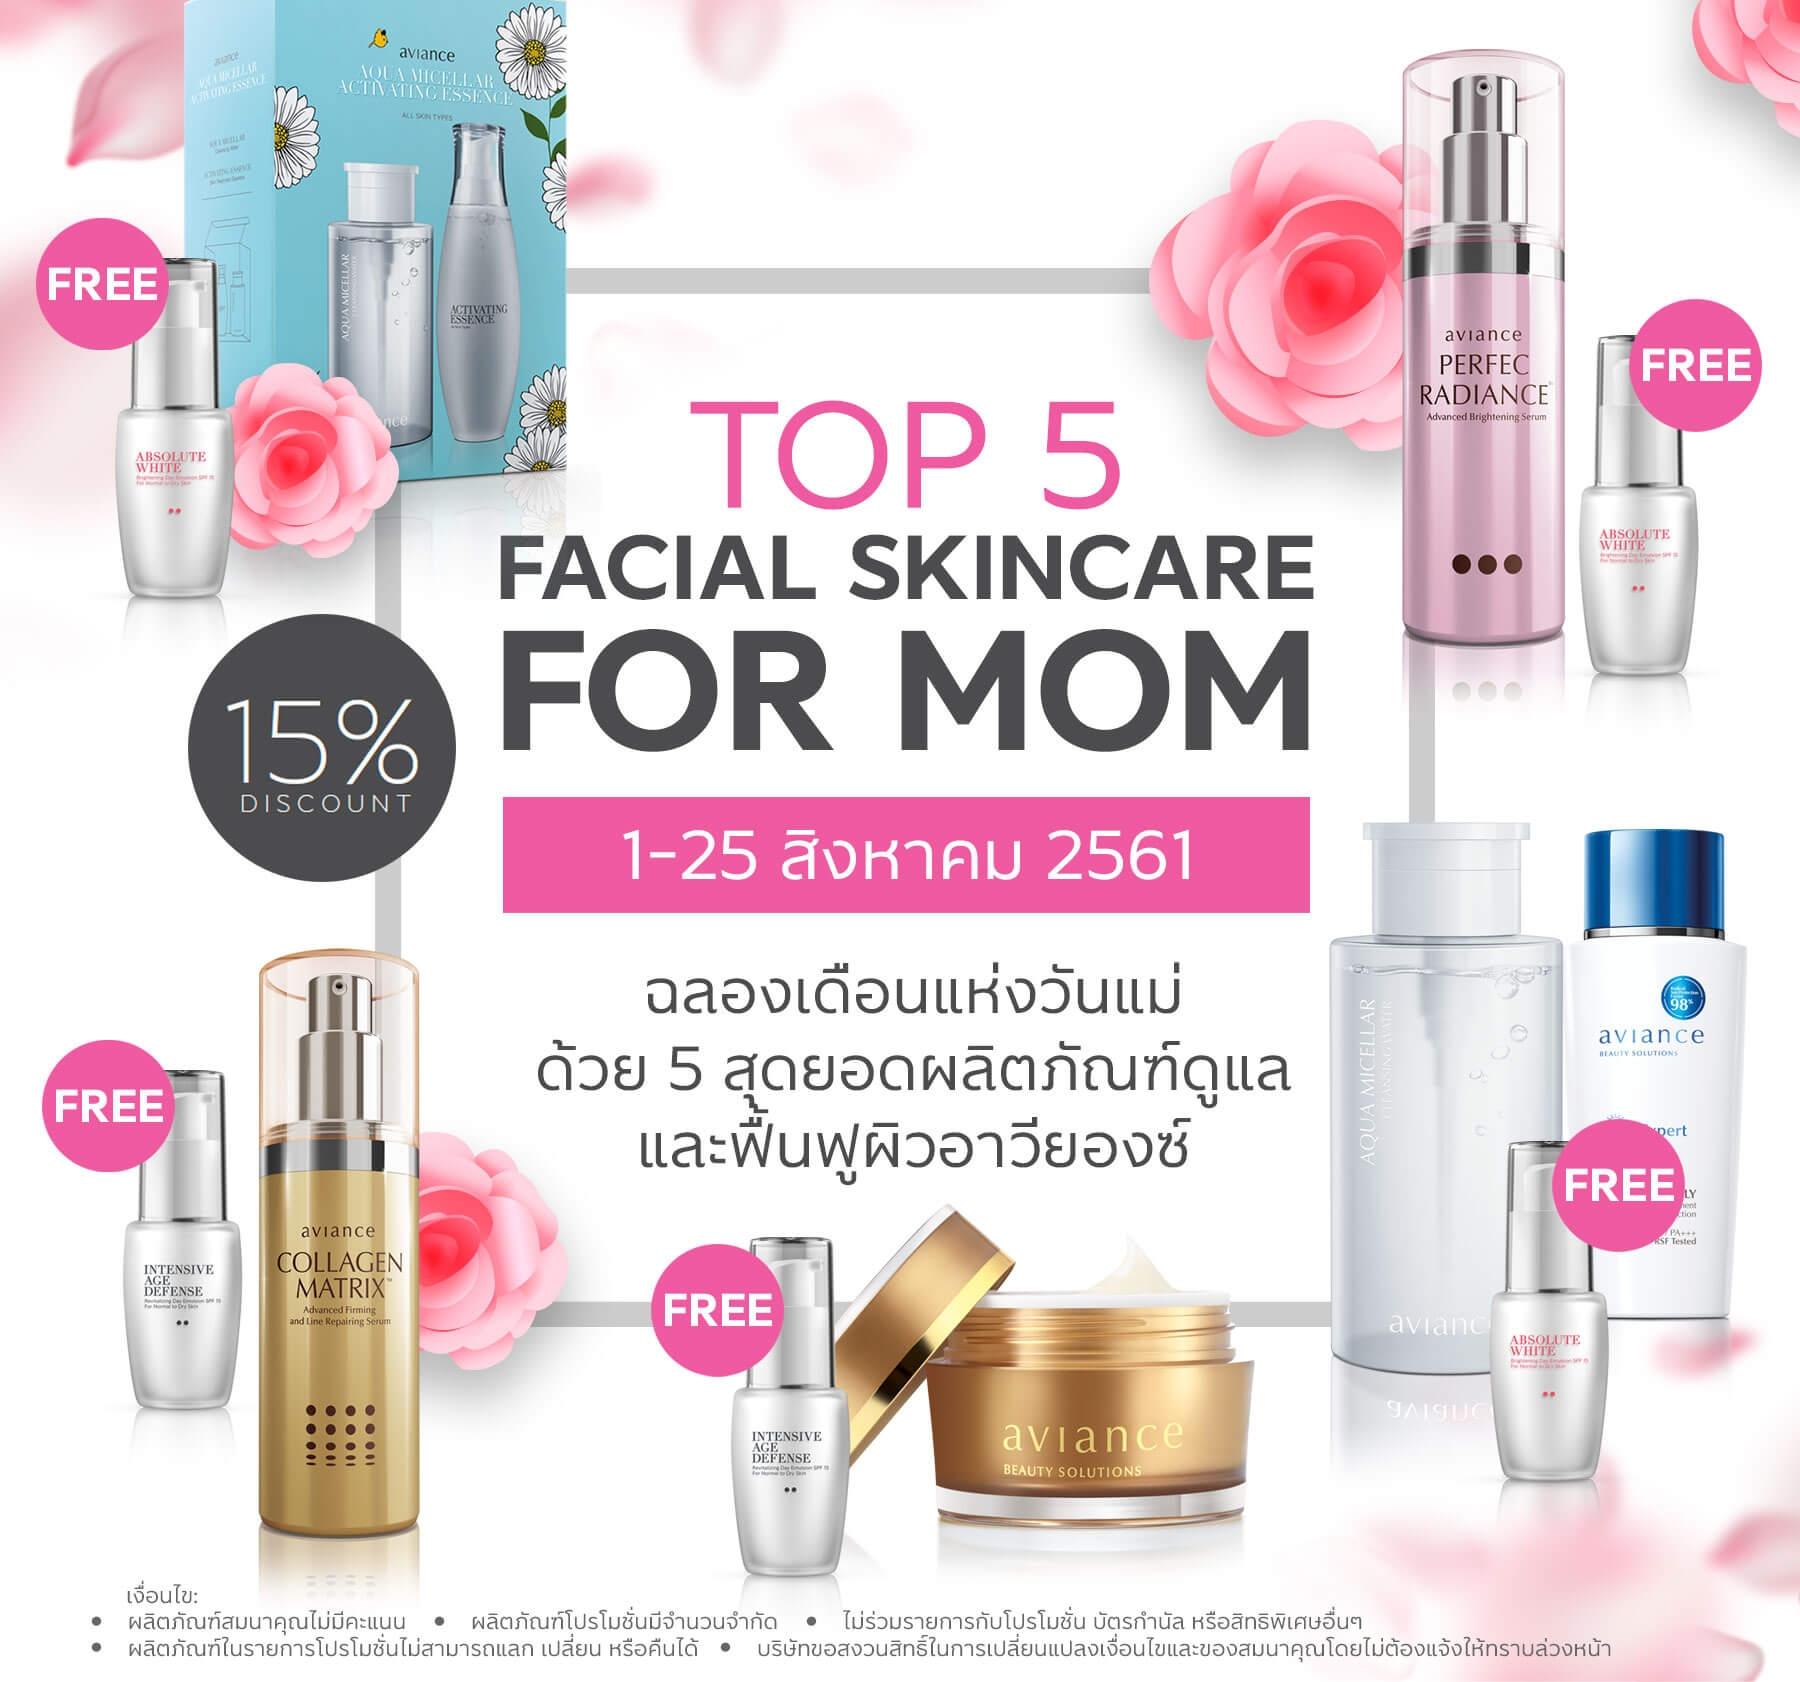 Facial Skincare for Mom 2018